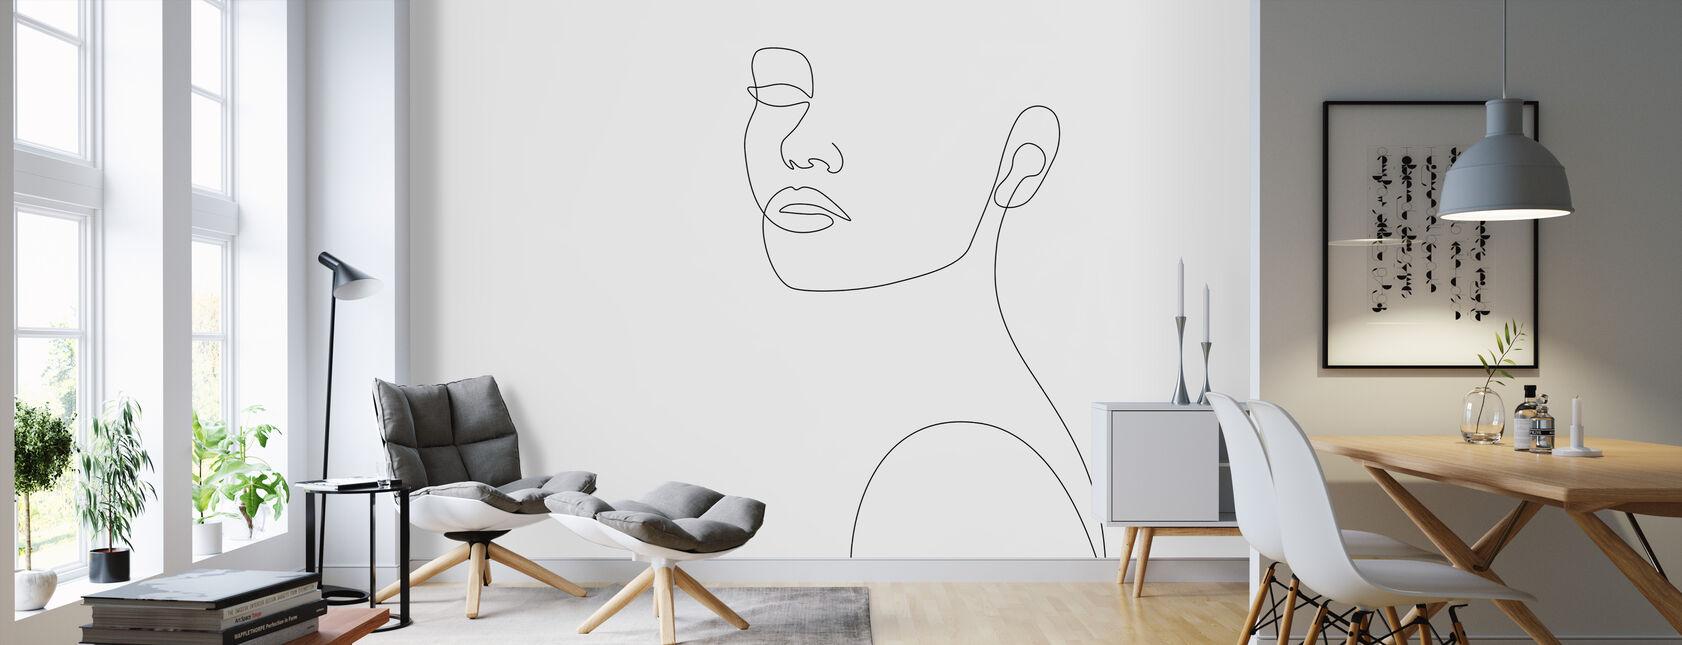 Girly Portrait - Wallpaper - Living Room